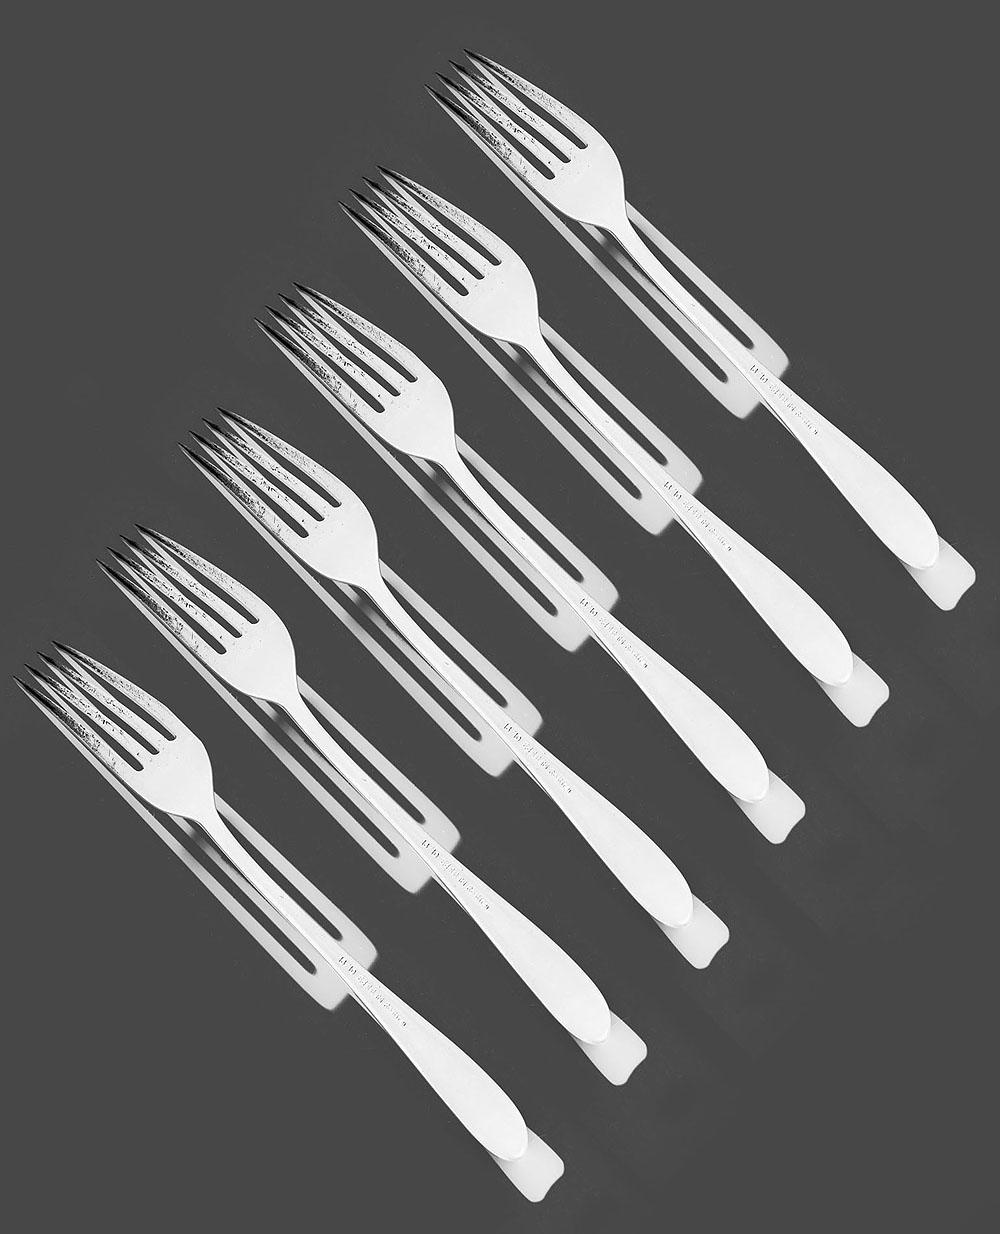 De zon schijnt fel op de tafel waar een vork ligt. Dat geeft verrassende schaduwen die steeds veranderen.